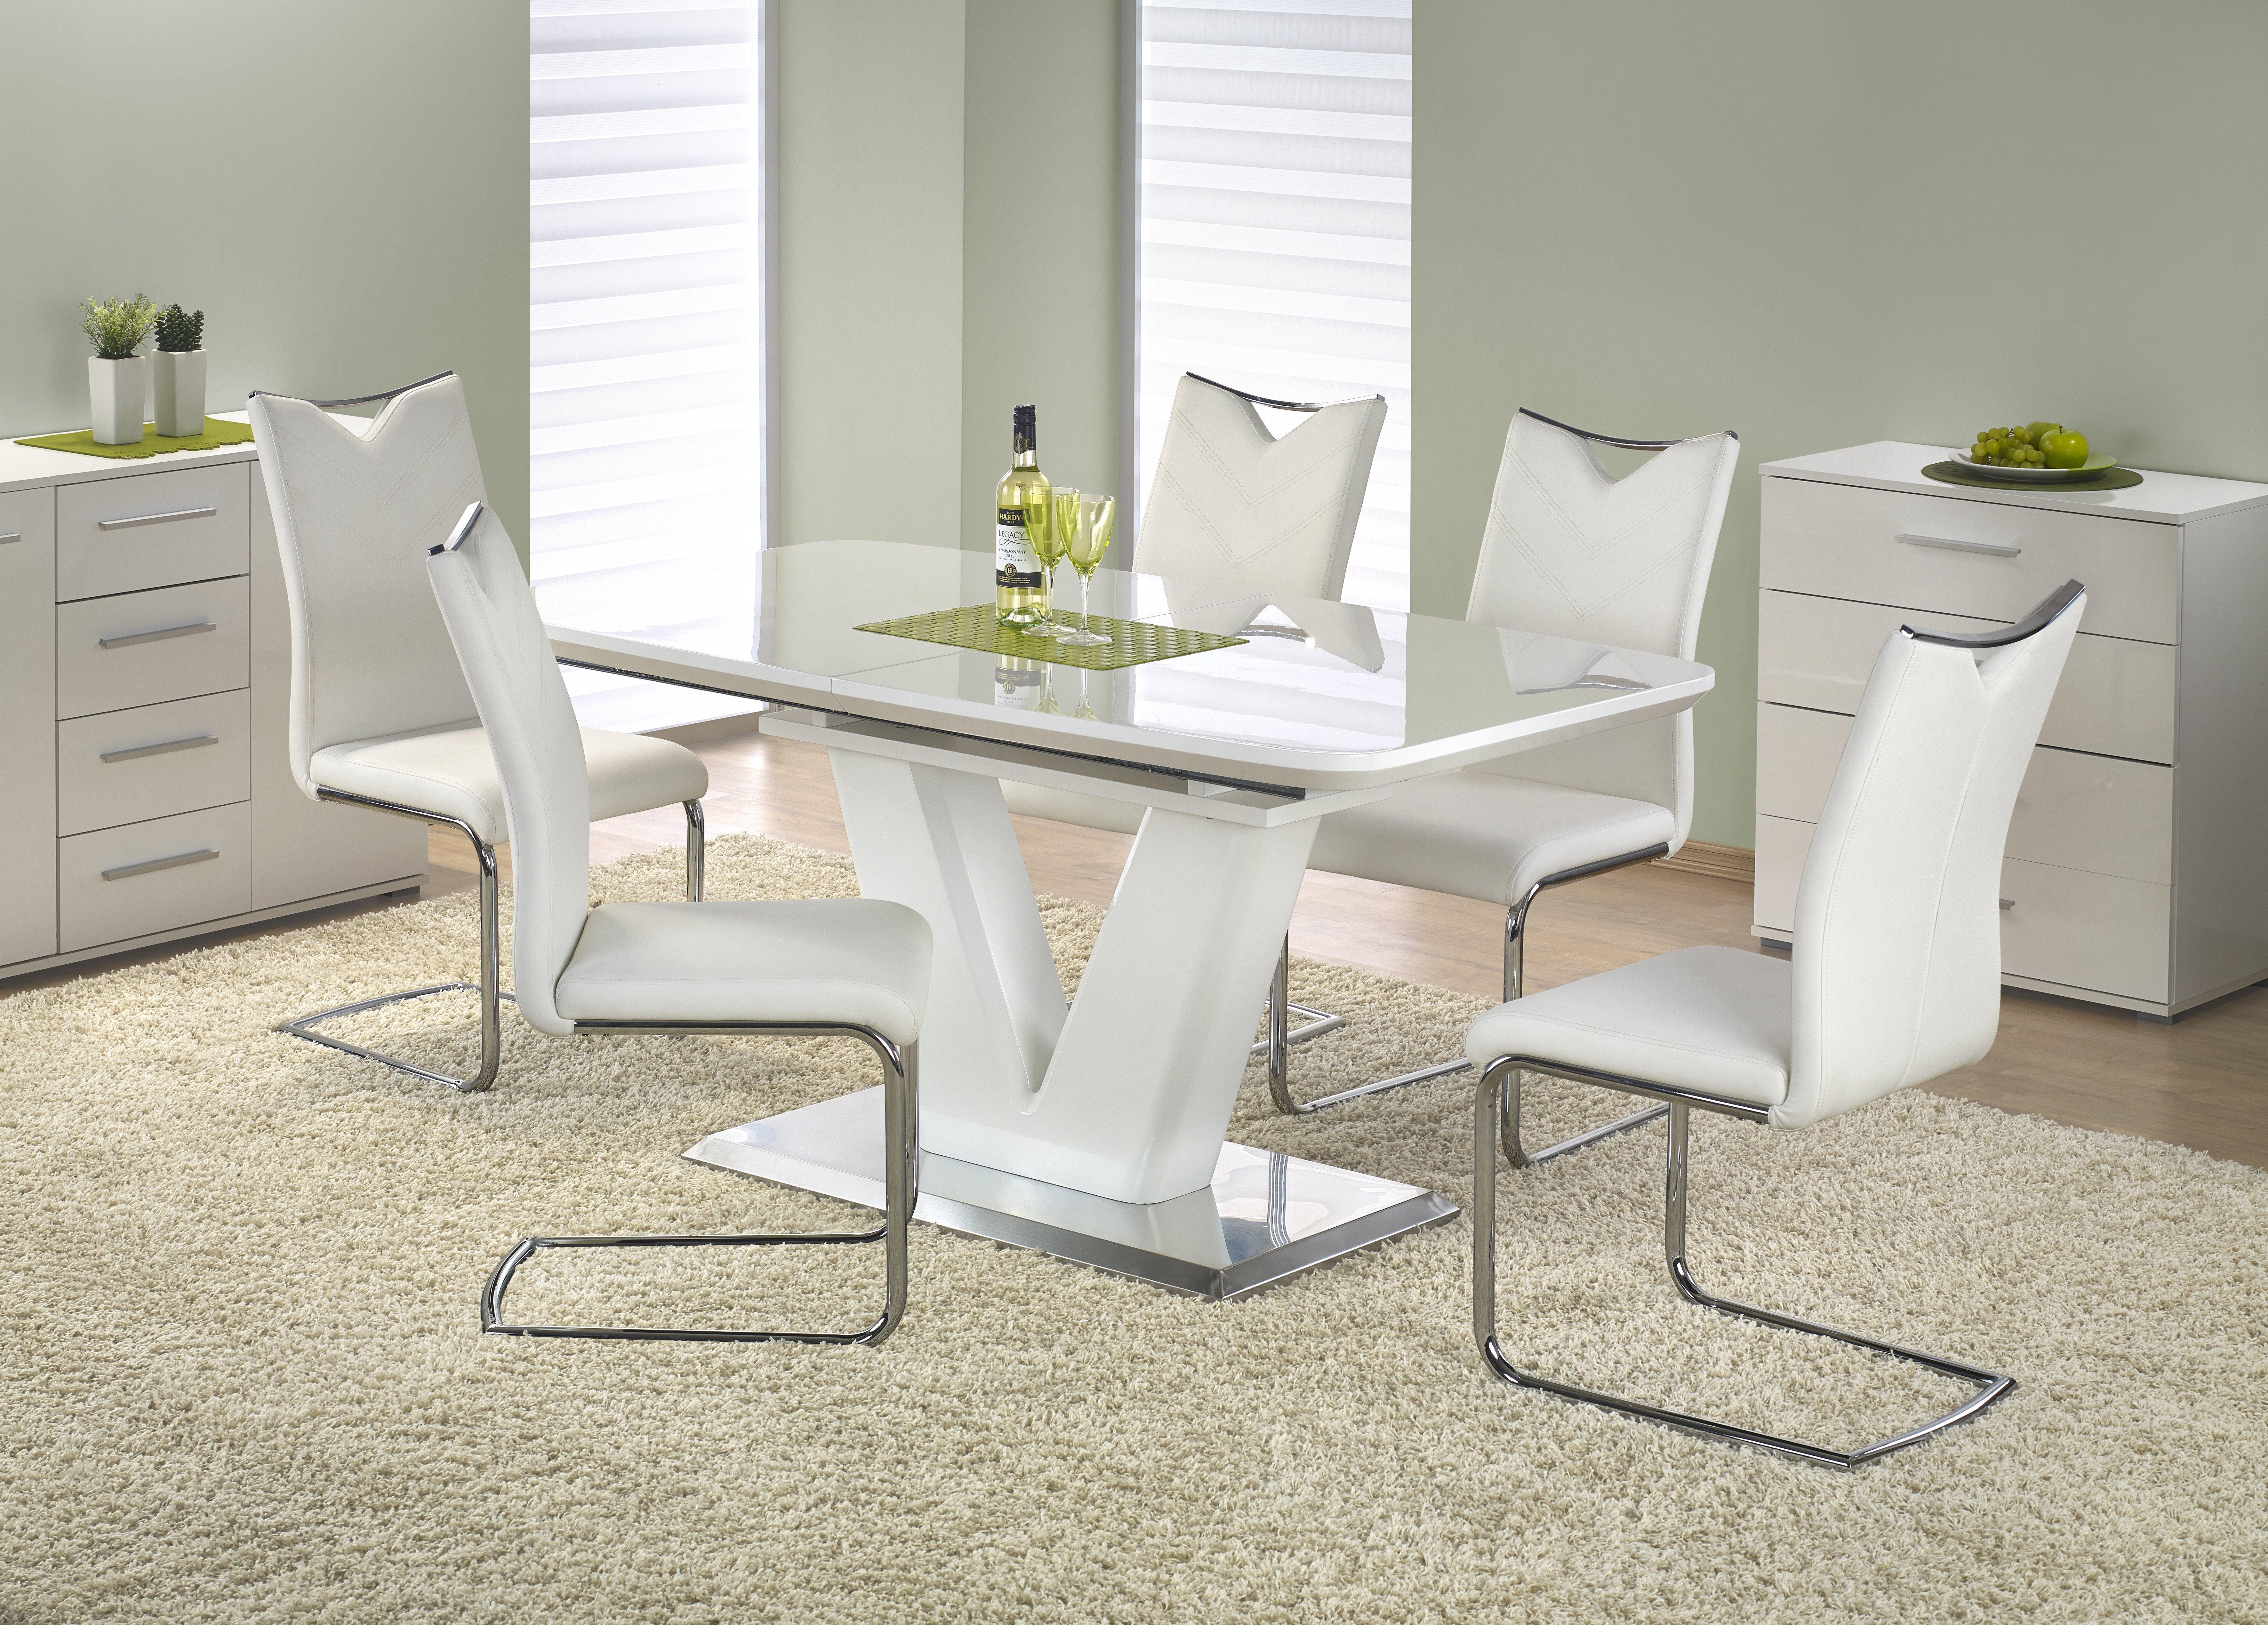 Jedálenský stôl Mistral (pre 6 až 8 osôb)